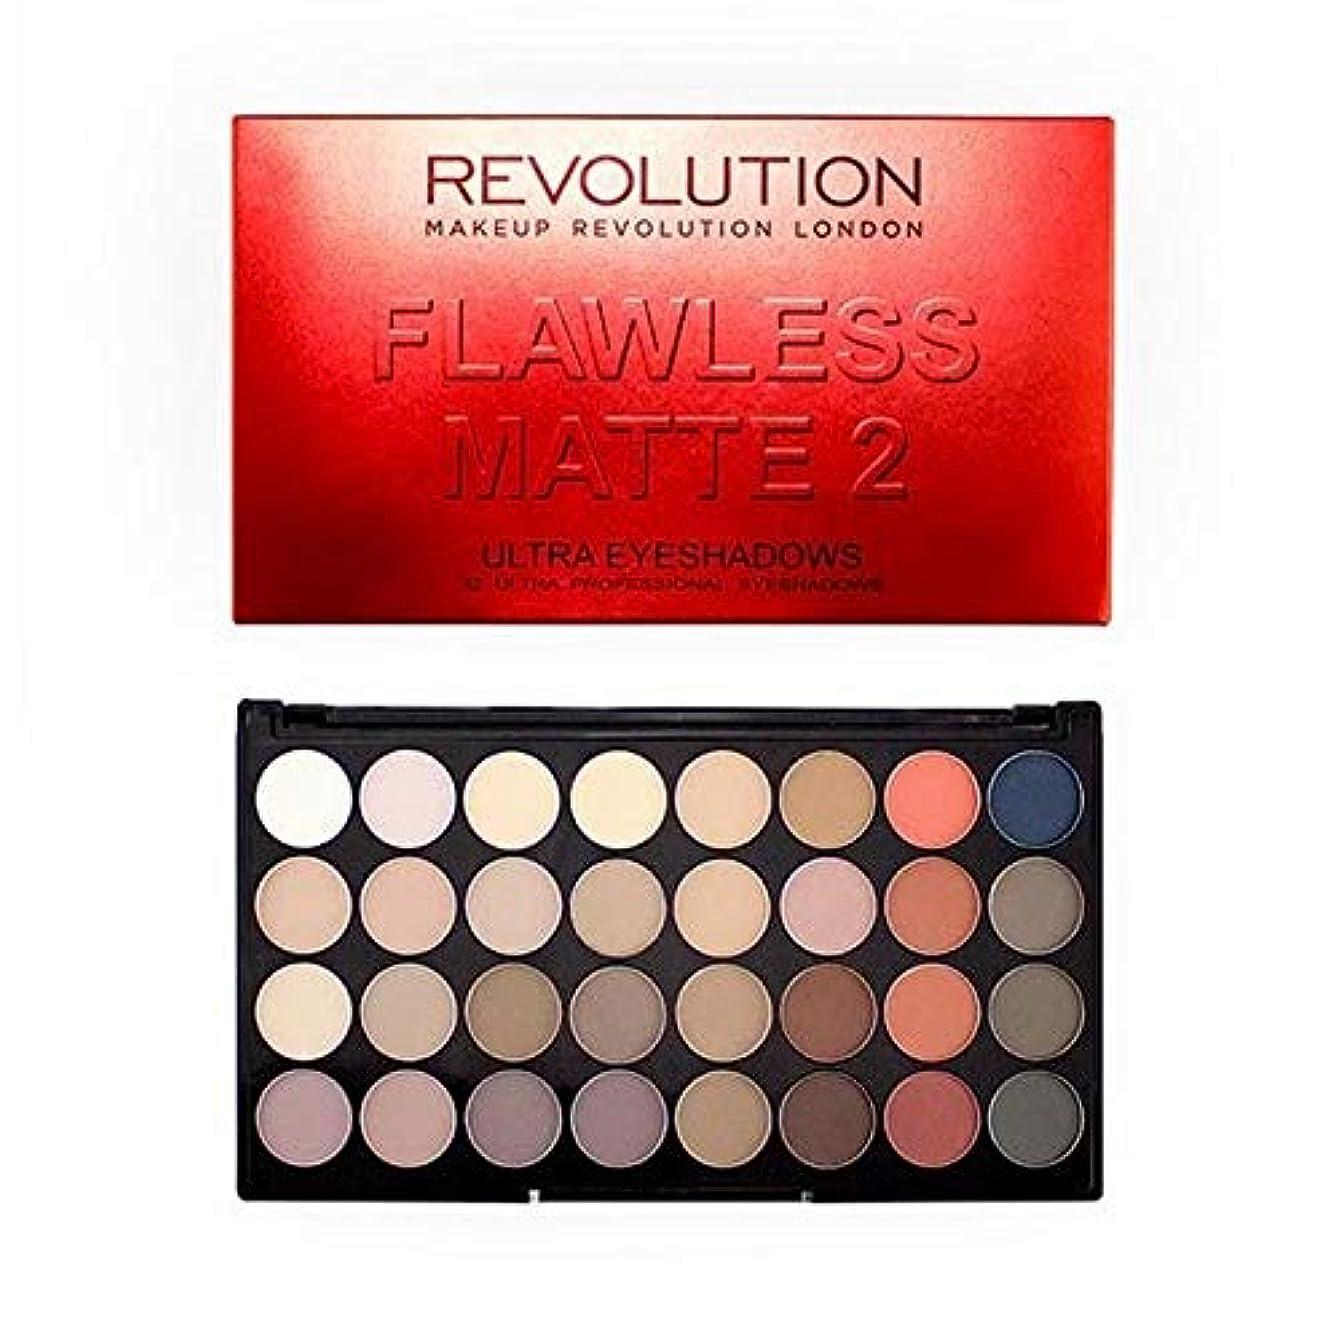 昼間スポット喉が渇いた[Revolution ] 革命完璧なマット2アイシャドウパレット - Revolution Flawless Matte 2 Eye Shadow Palette [並行輸入品]